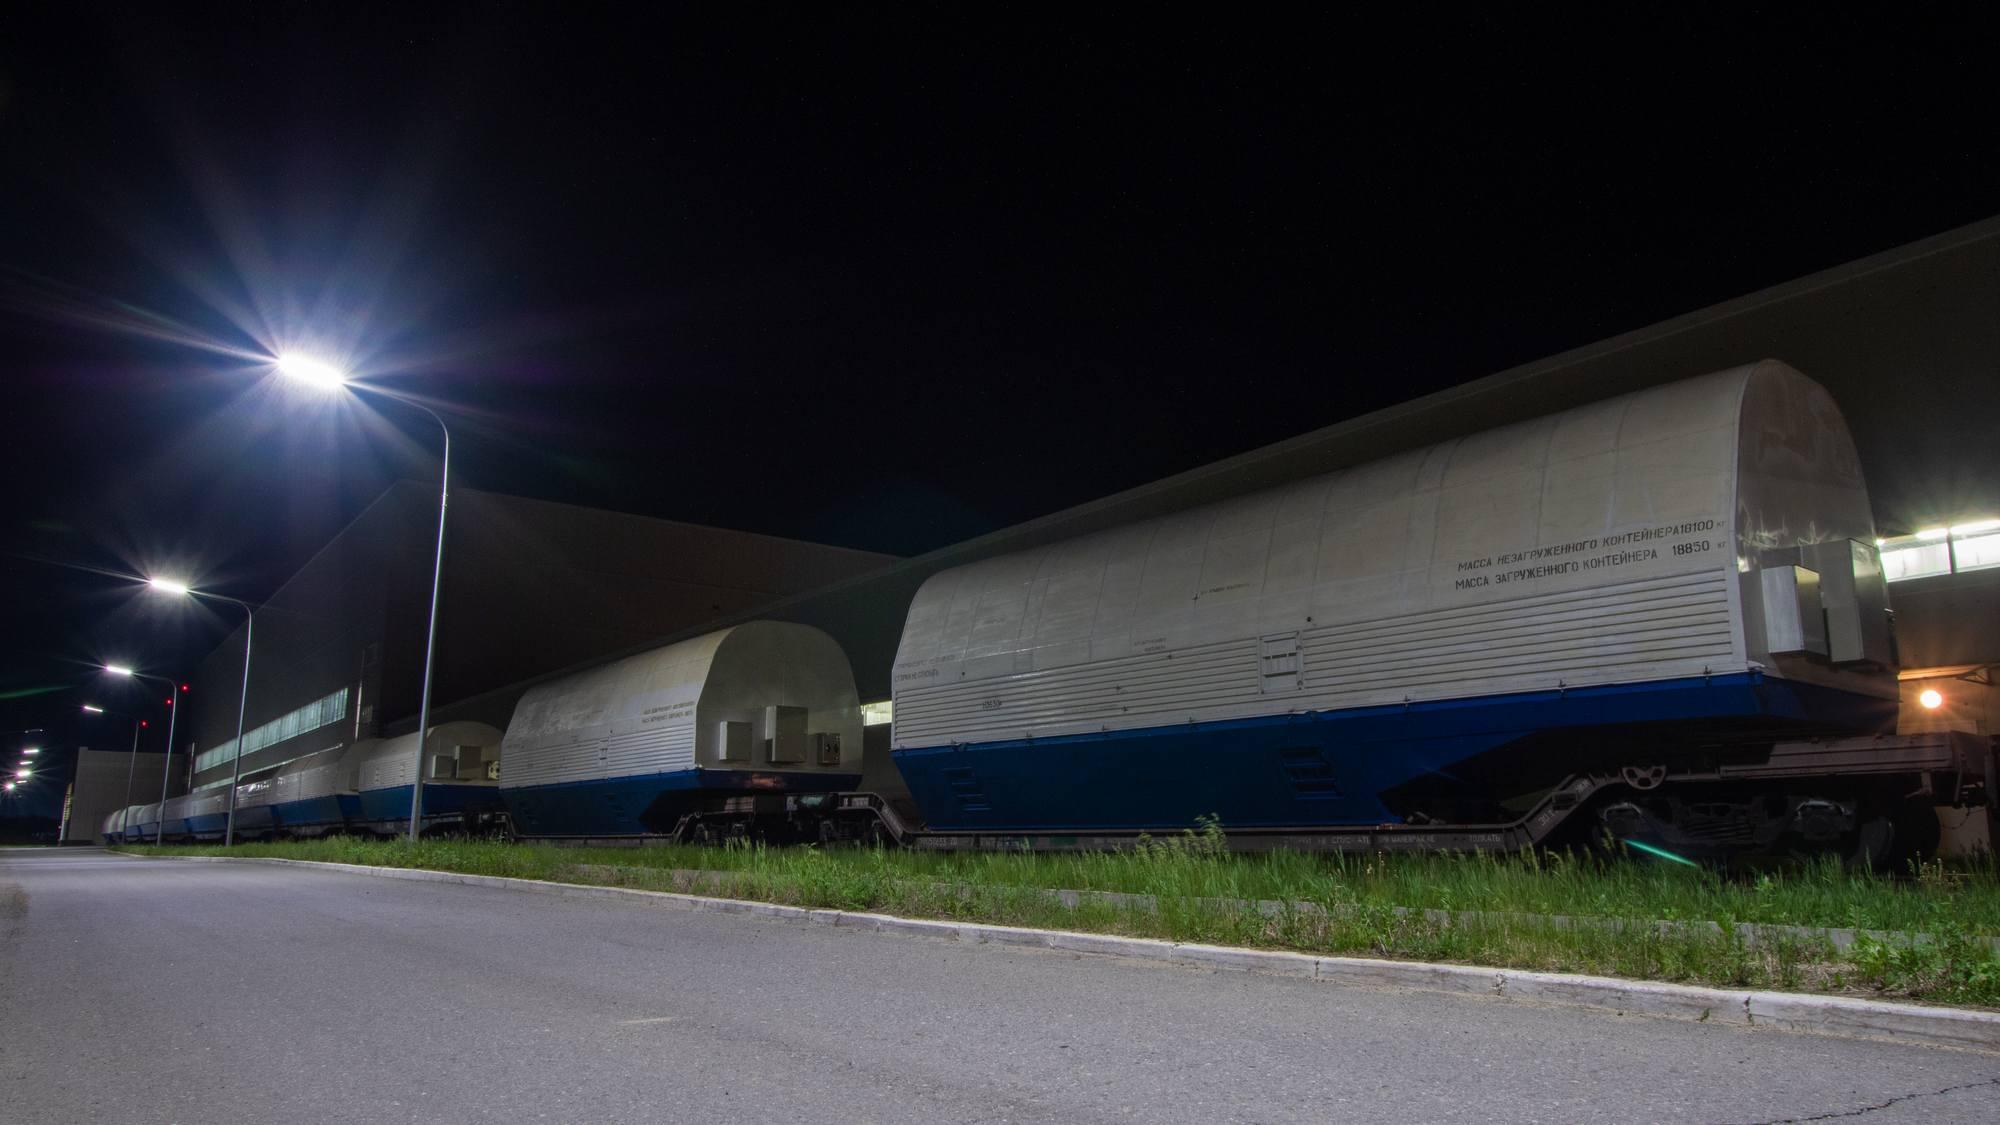 D'autres wagons sont immobilisés à l'extérieur du MIK.